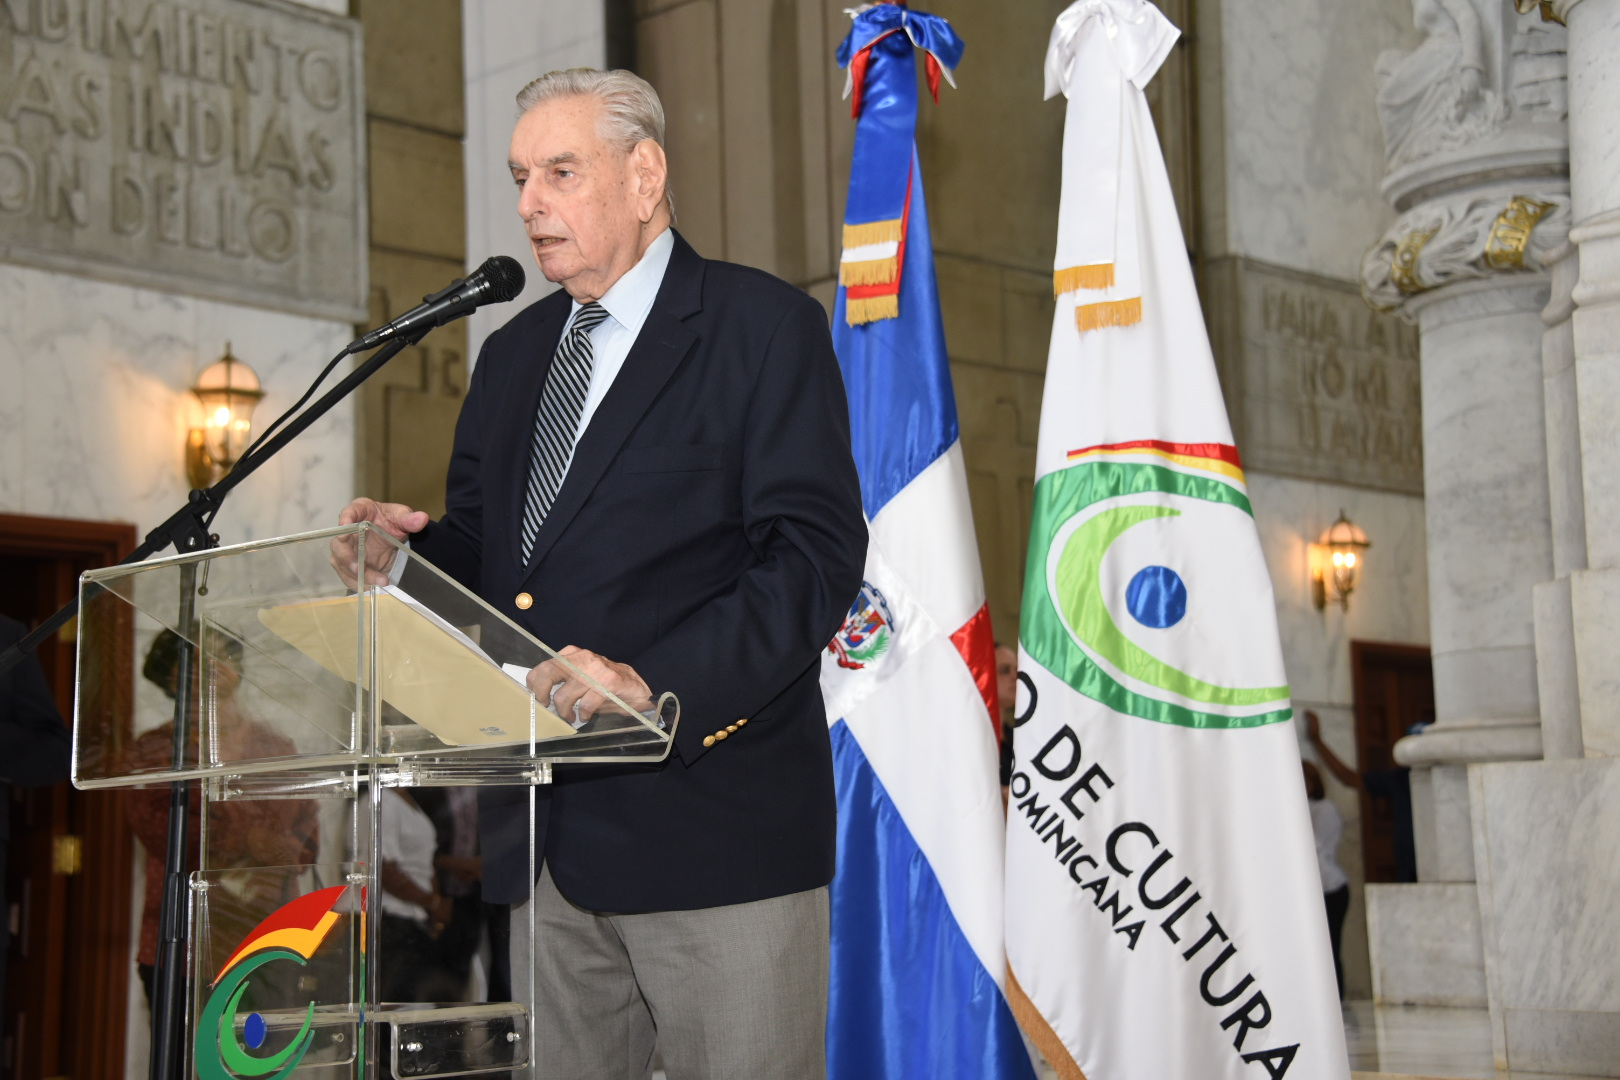 , Celebran en simbólico acto el 527 Centenario de la llegada de Cristóbal Colón a América